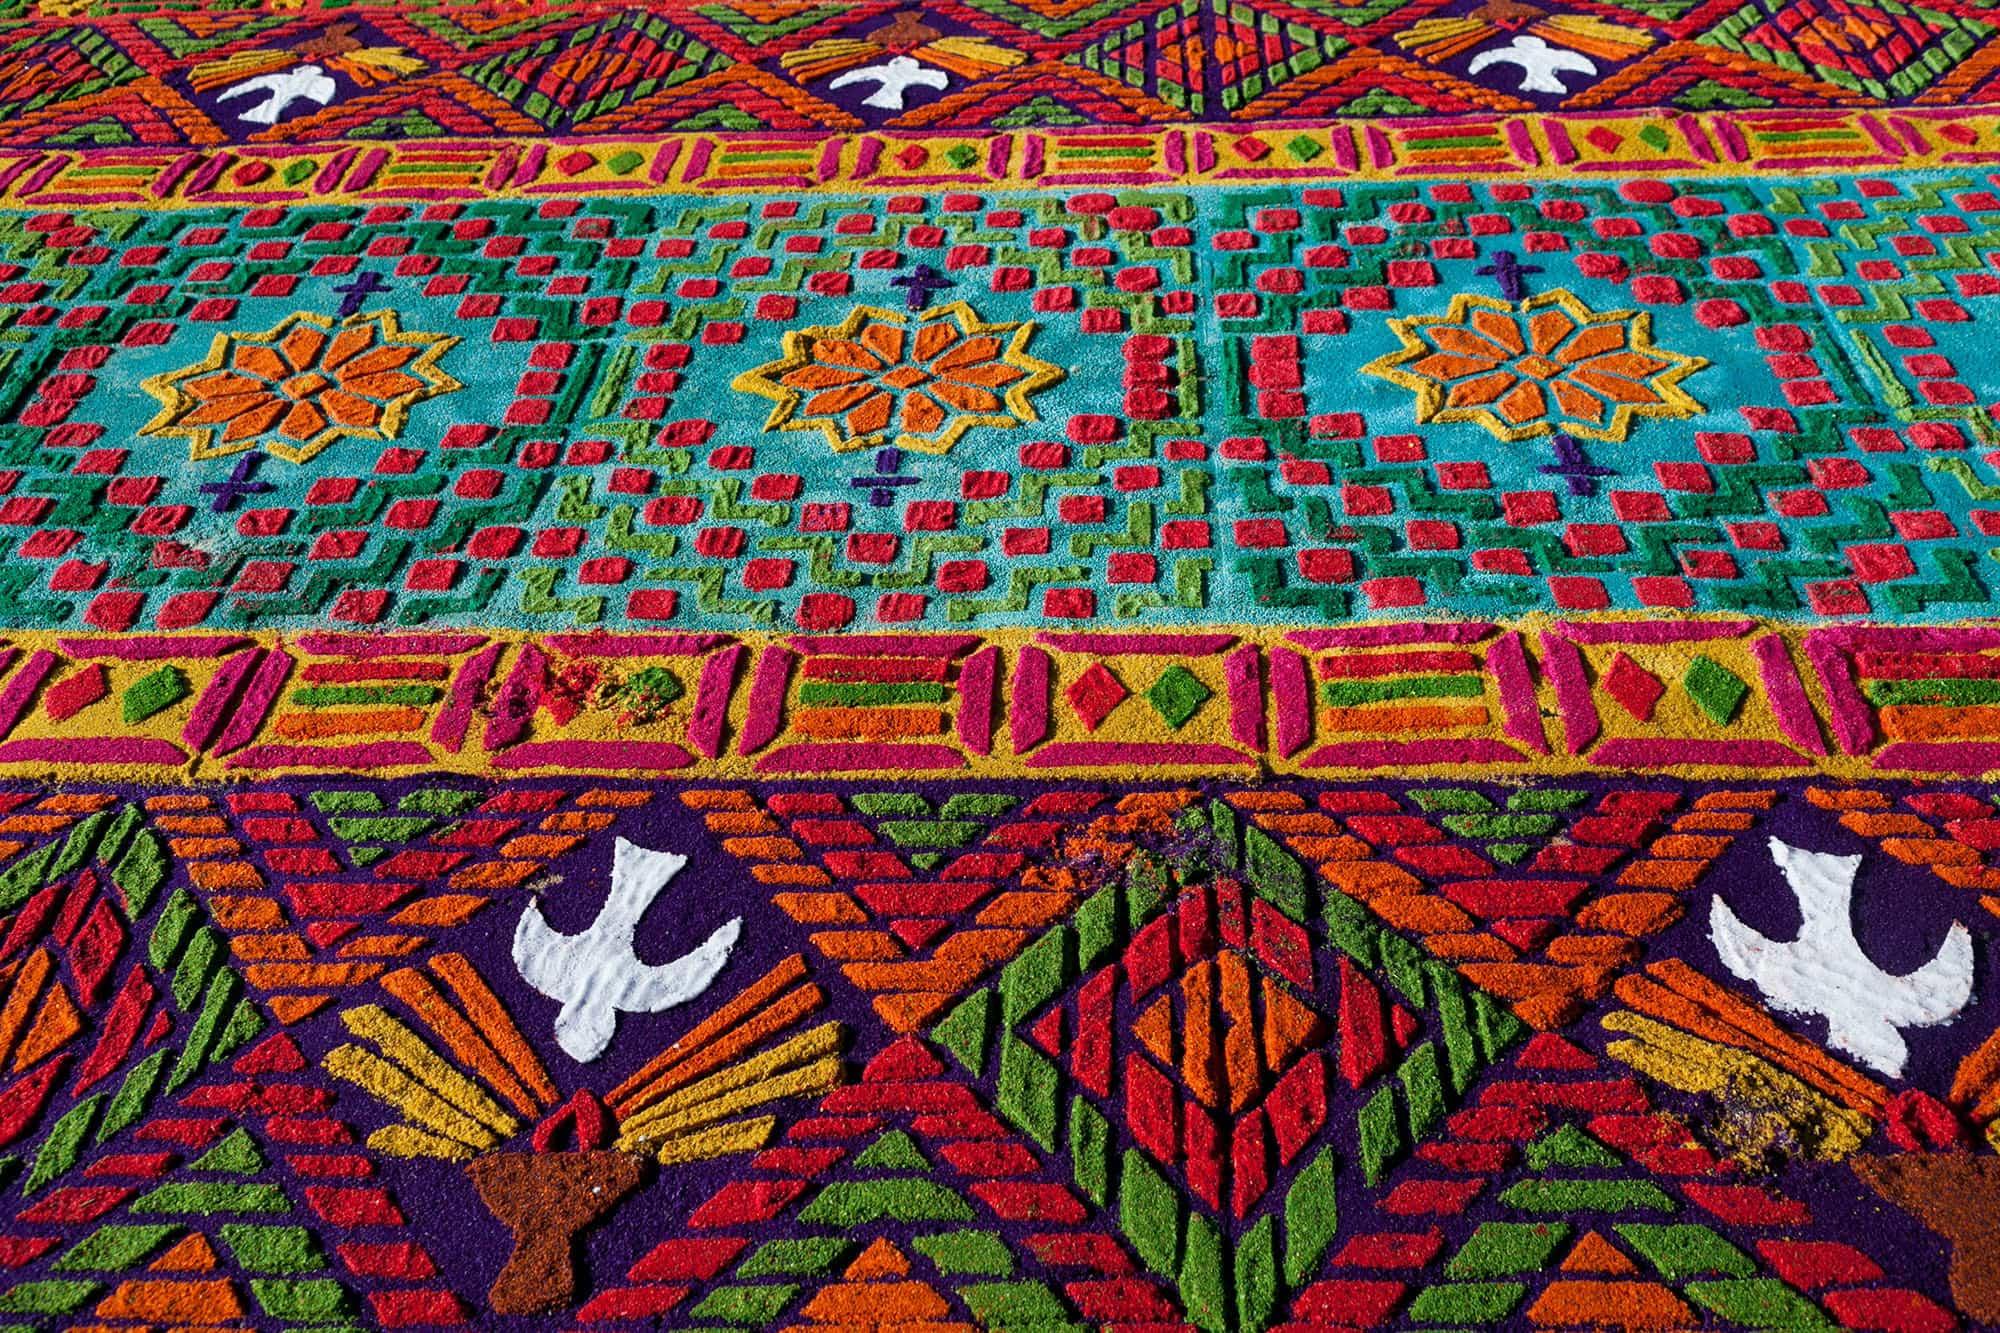 Alfombras mas bajo alfombra para camineros alfombras y for Precios alfombras persas originales